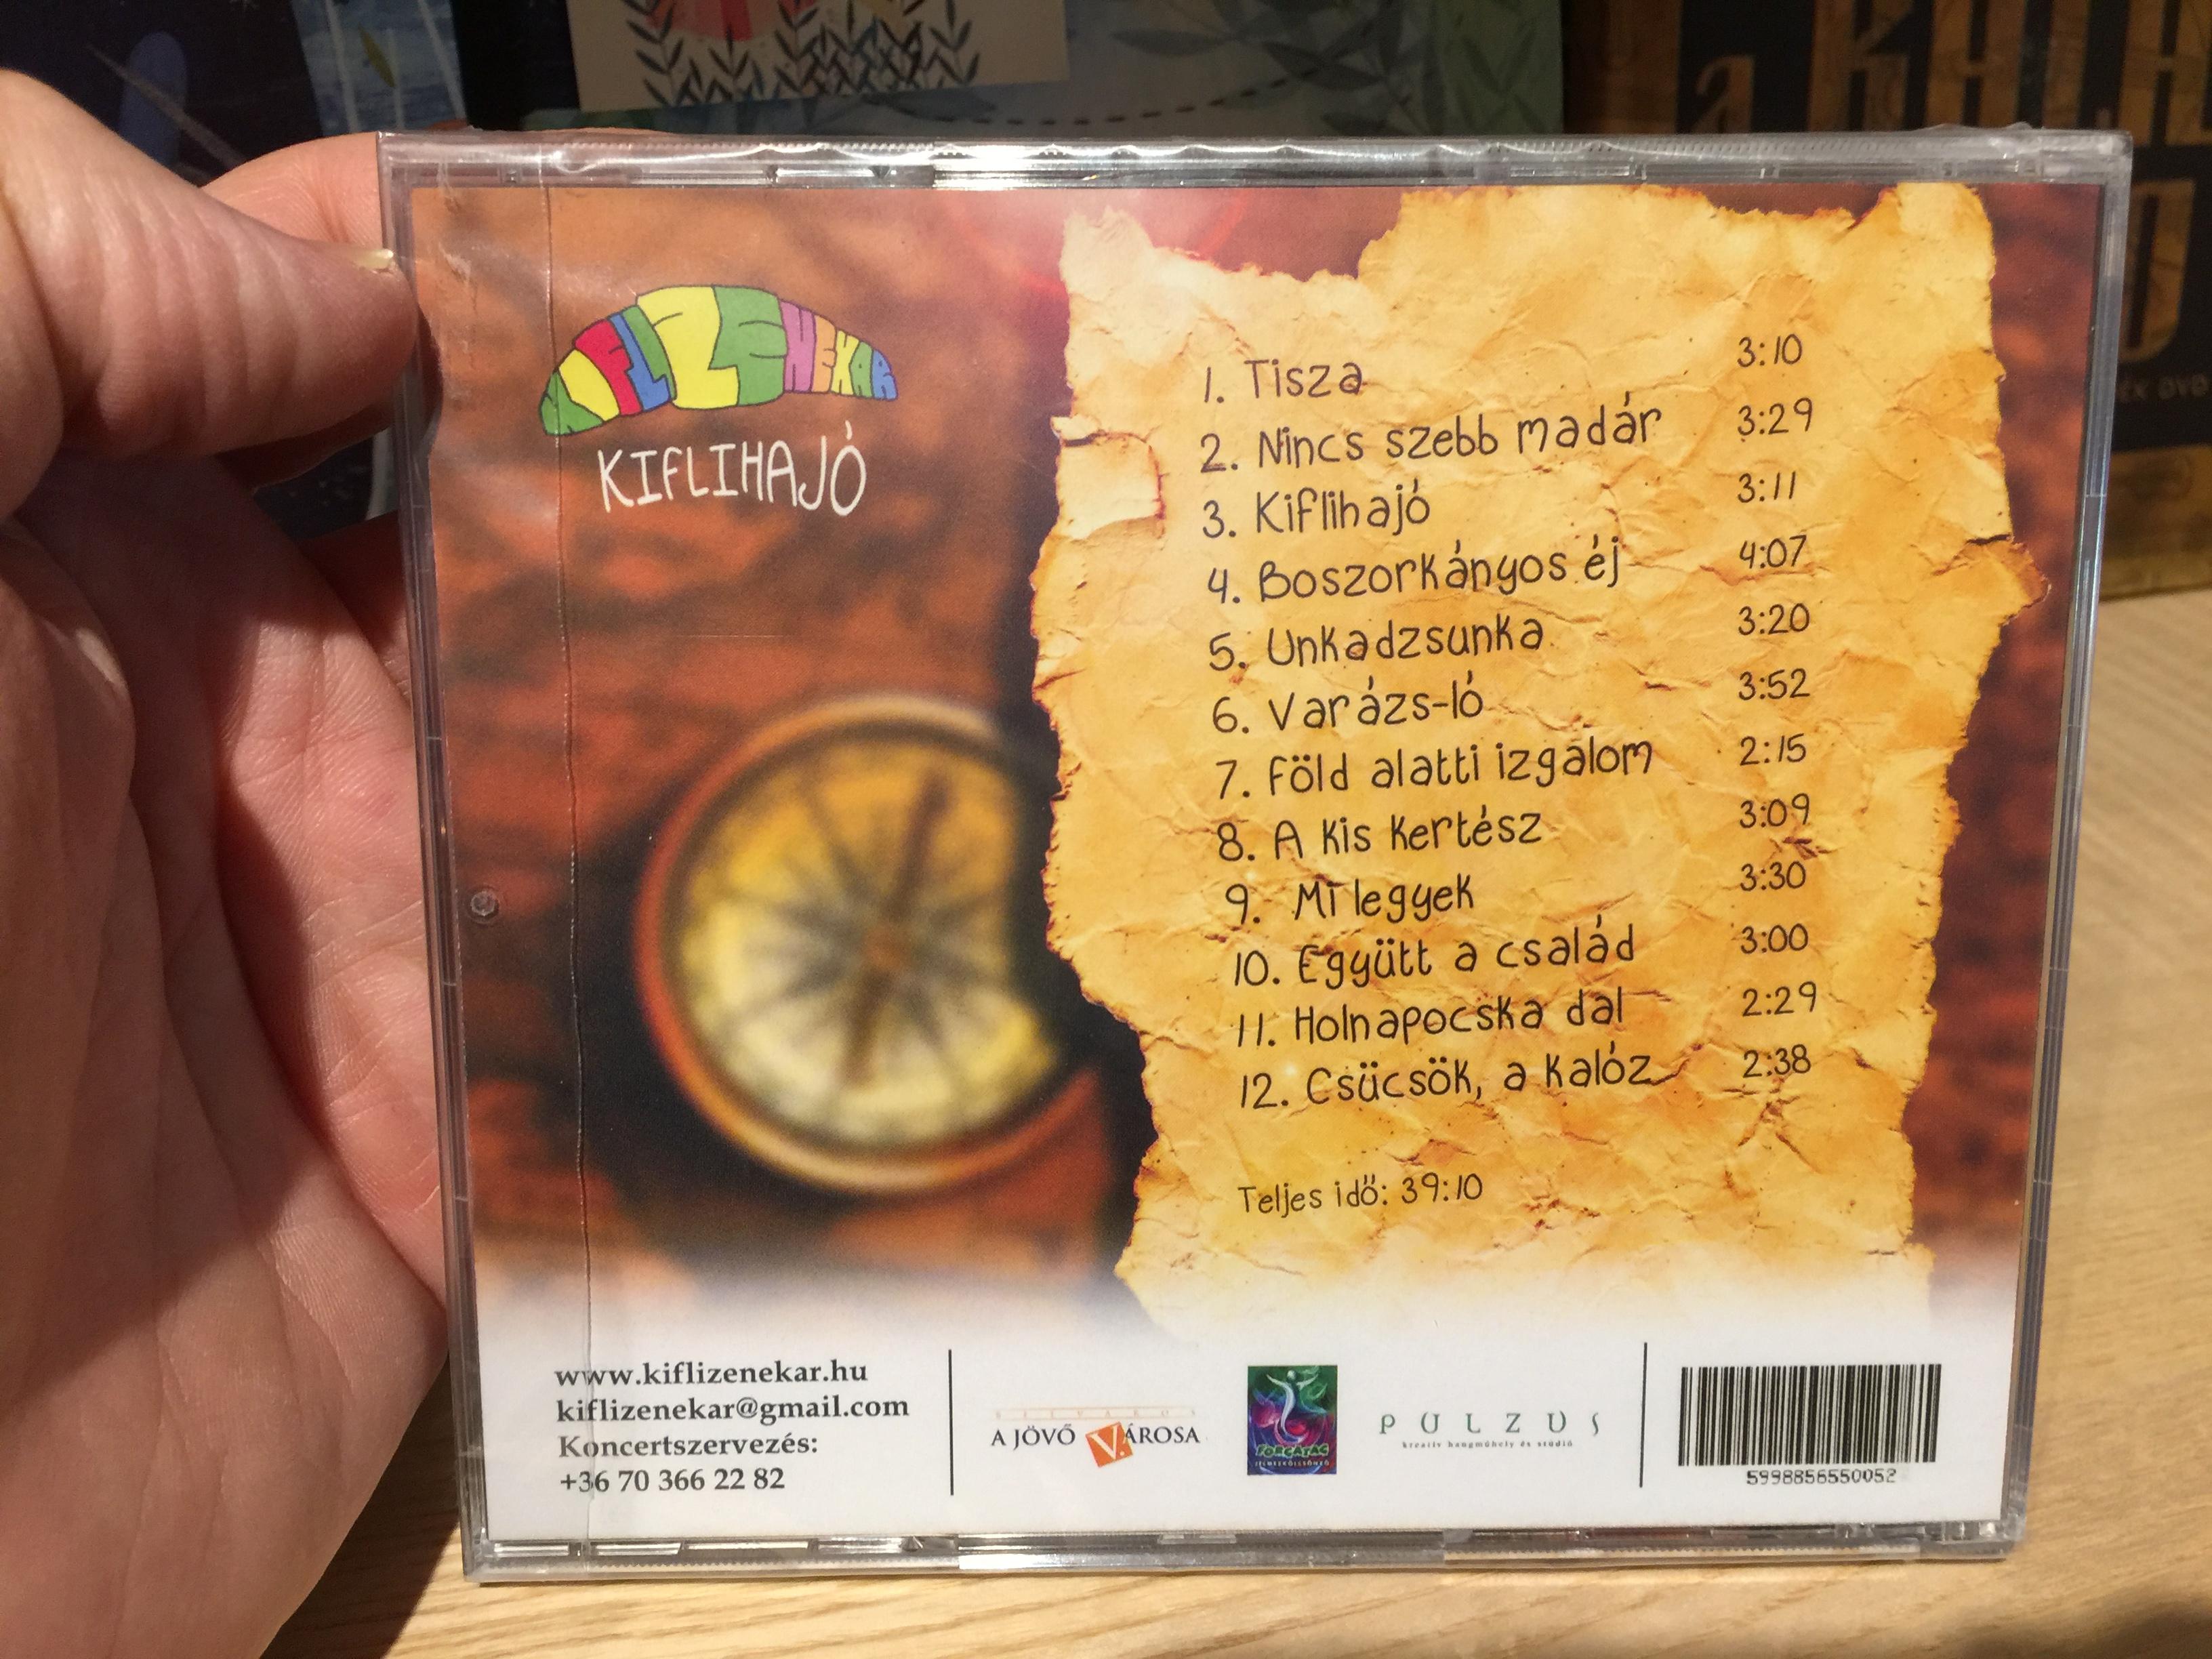 kiflizenekar-kiflihajo-audio-cd-5998856550052-2-.jpg